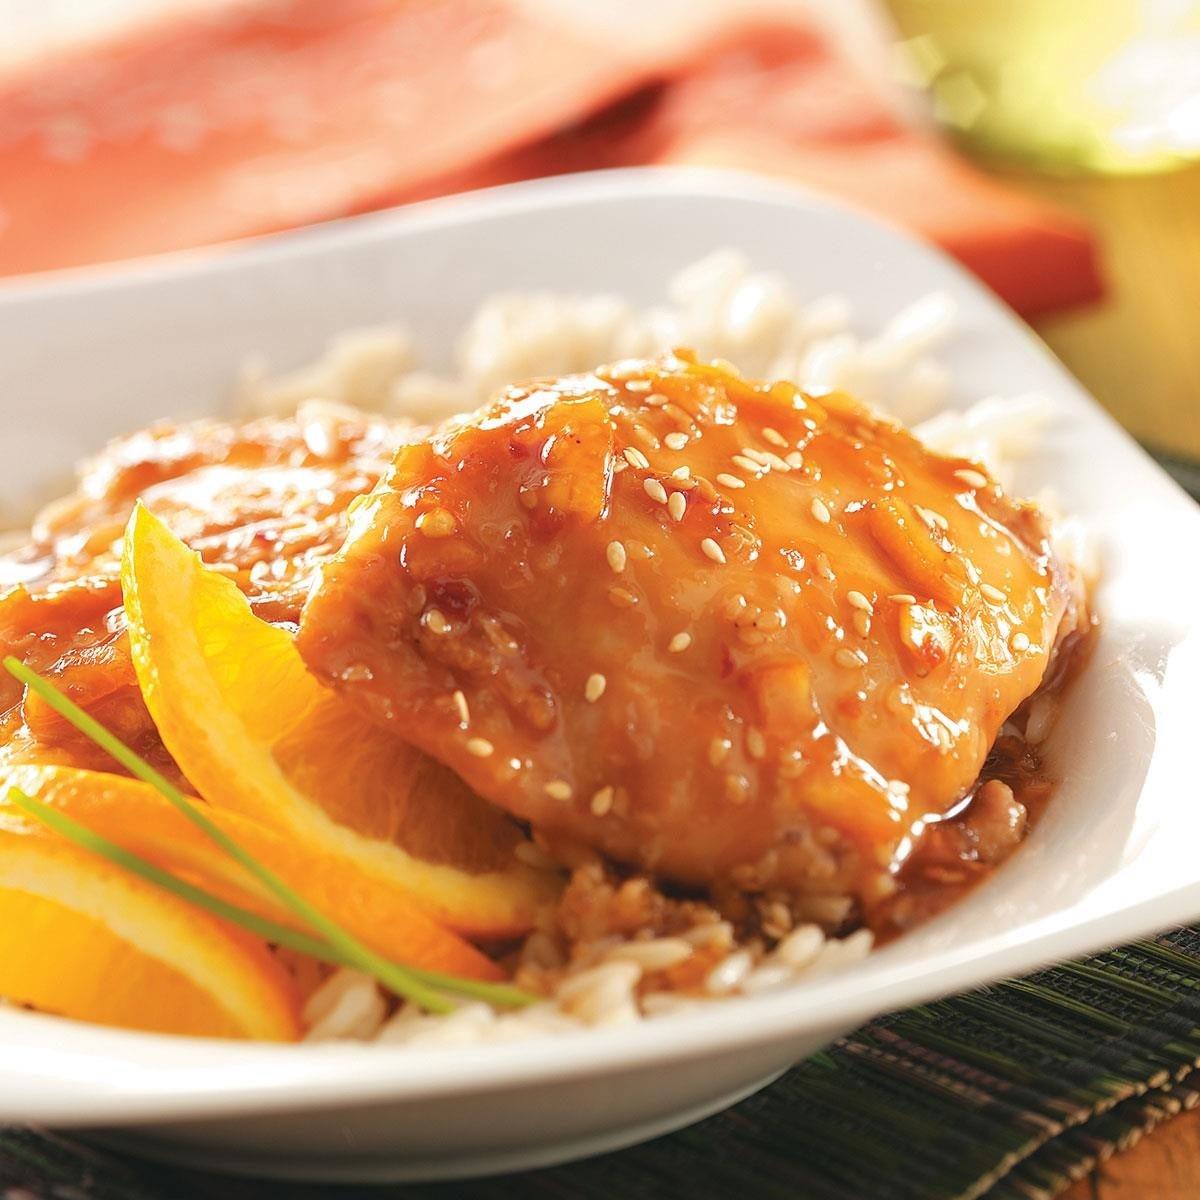 أطباق رئيسية للتحضير في نصف ساعة - طريقة عمل دجاج بصوص البرتقال